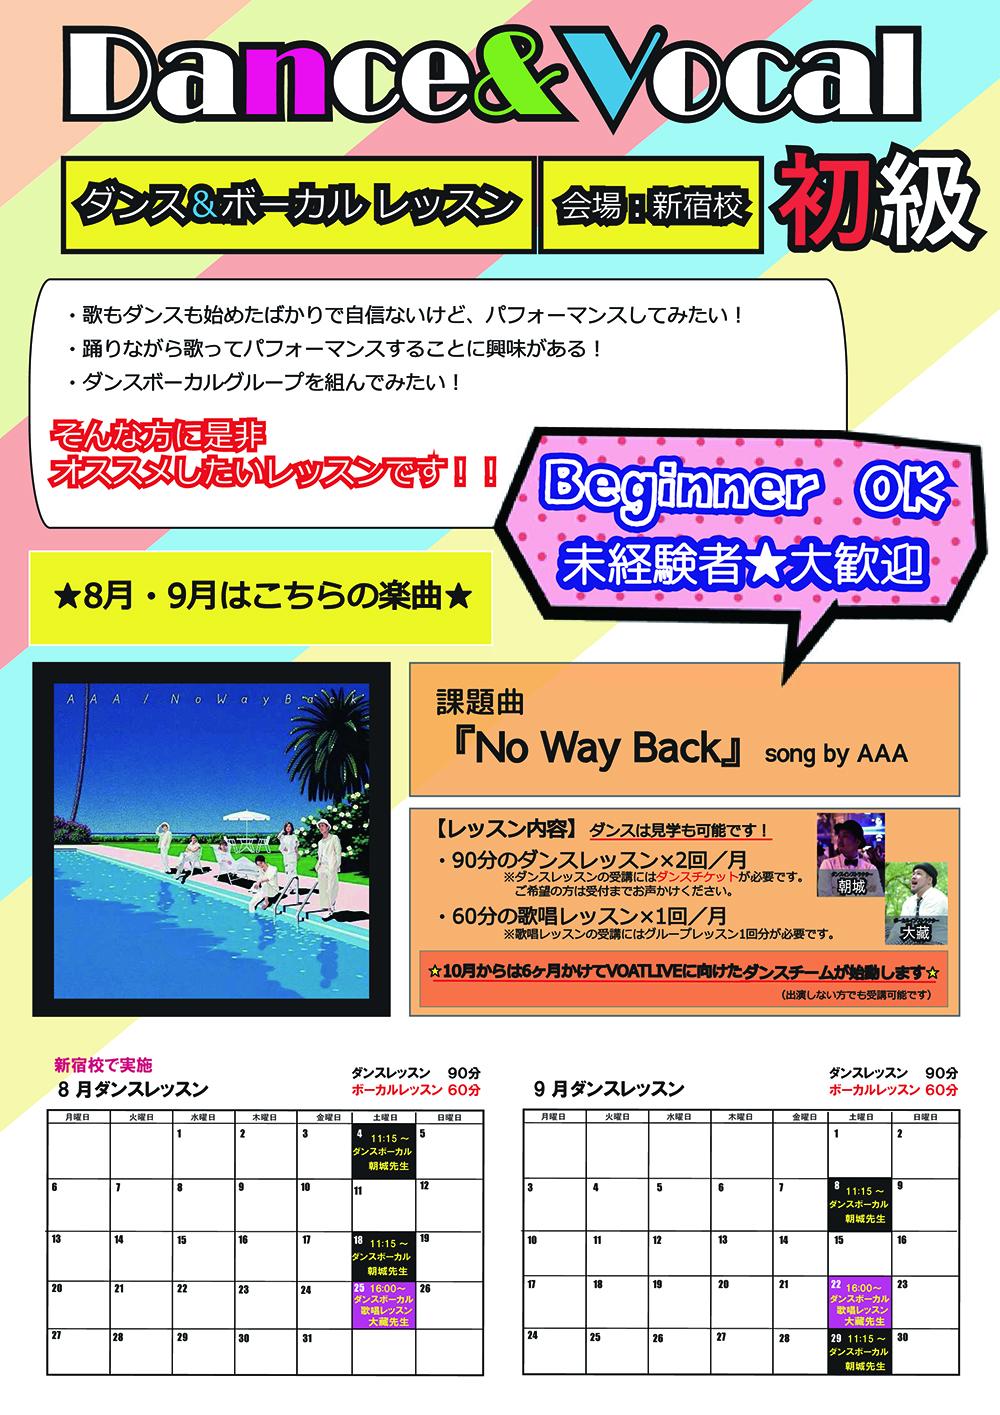 8月&9月ダンス&ボーカルレッスン 未経験者も大歓迎!(会場:新宿校)